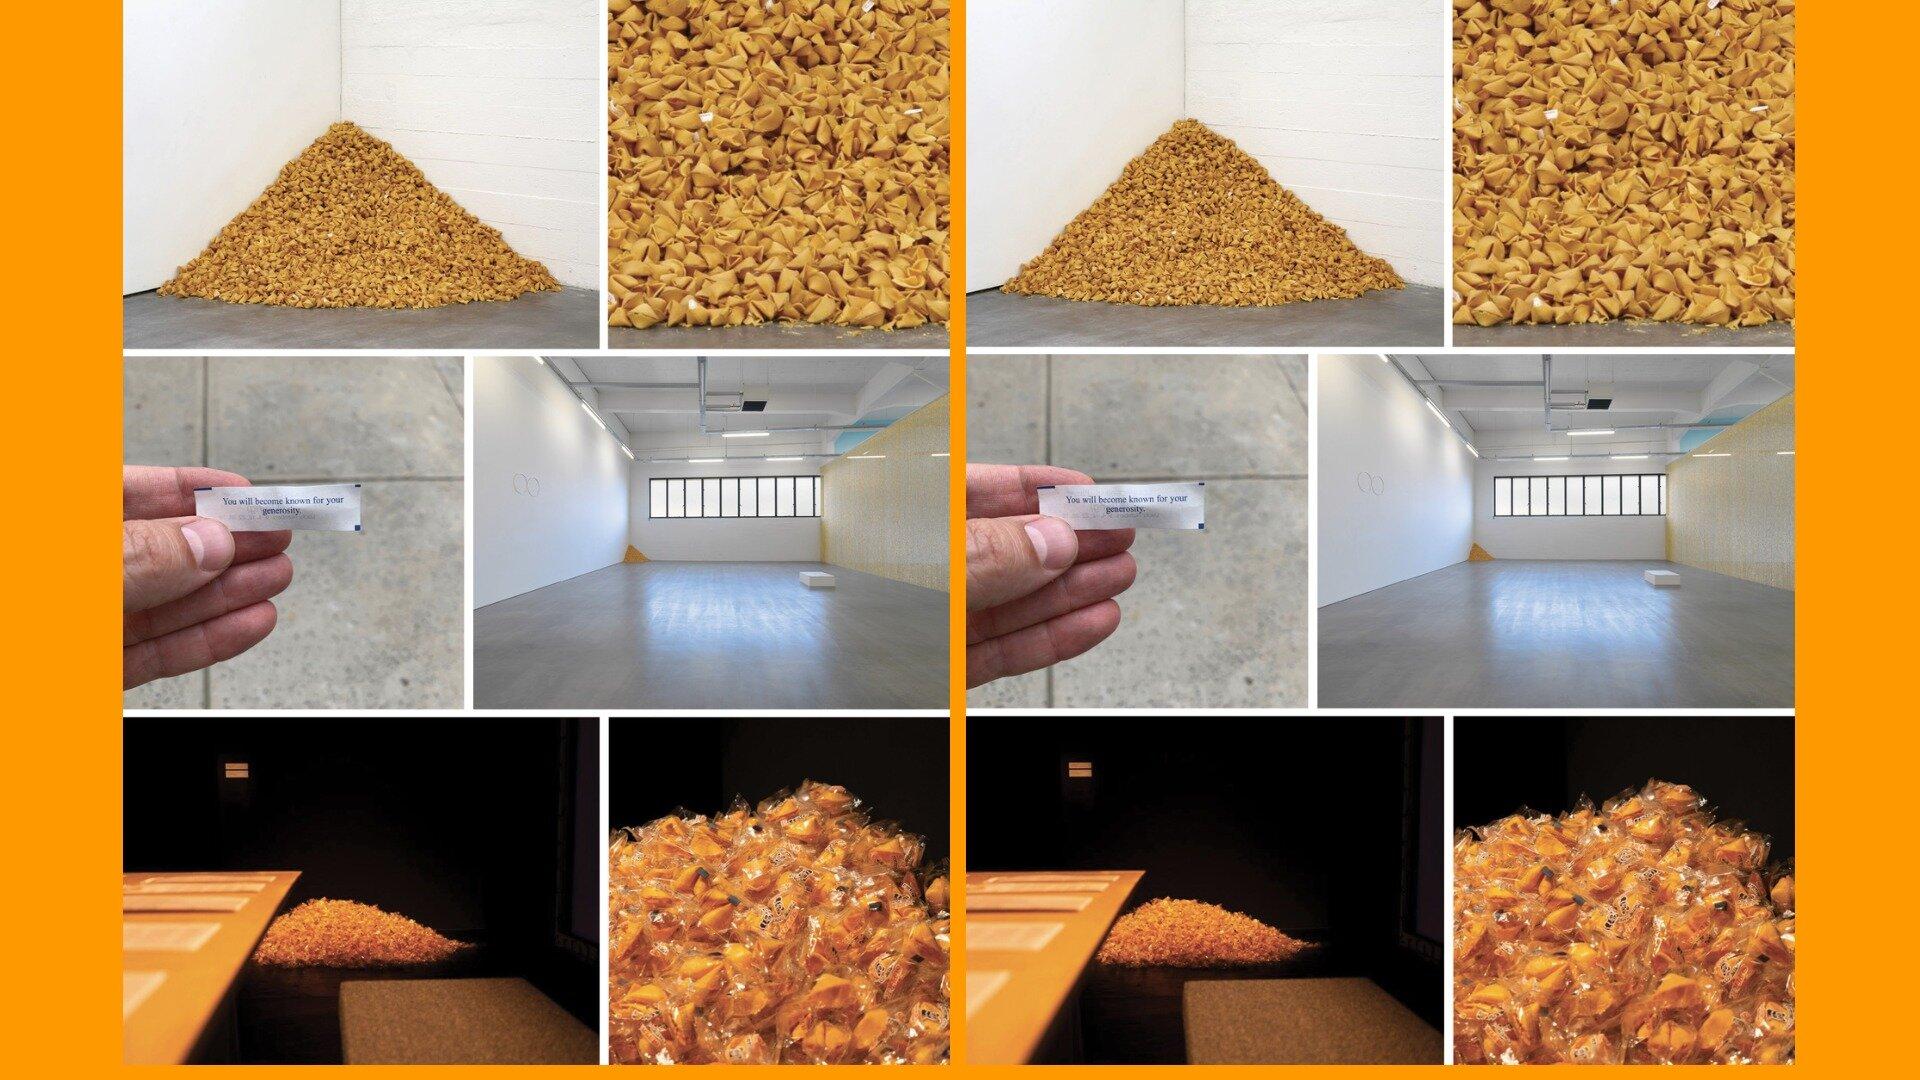 Роботу Фелікса Гонзалеса-Торреса зробили з печива з передбаченнями